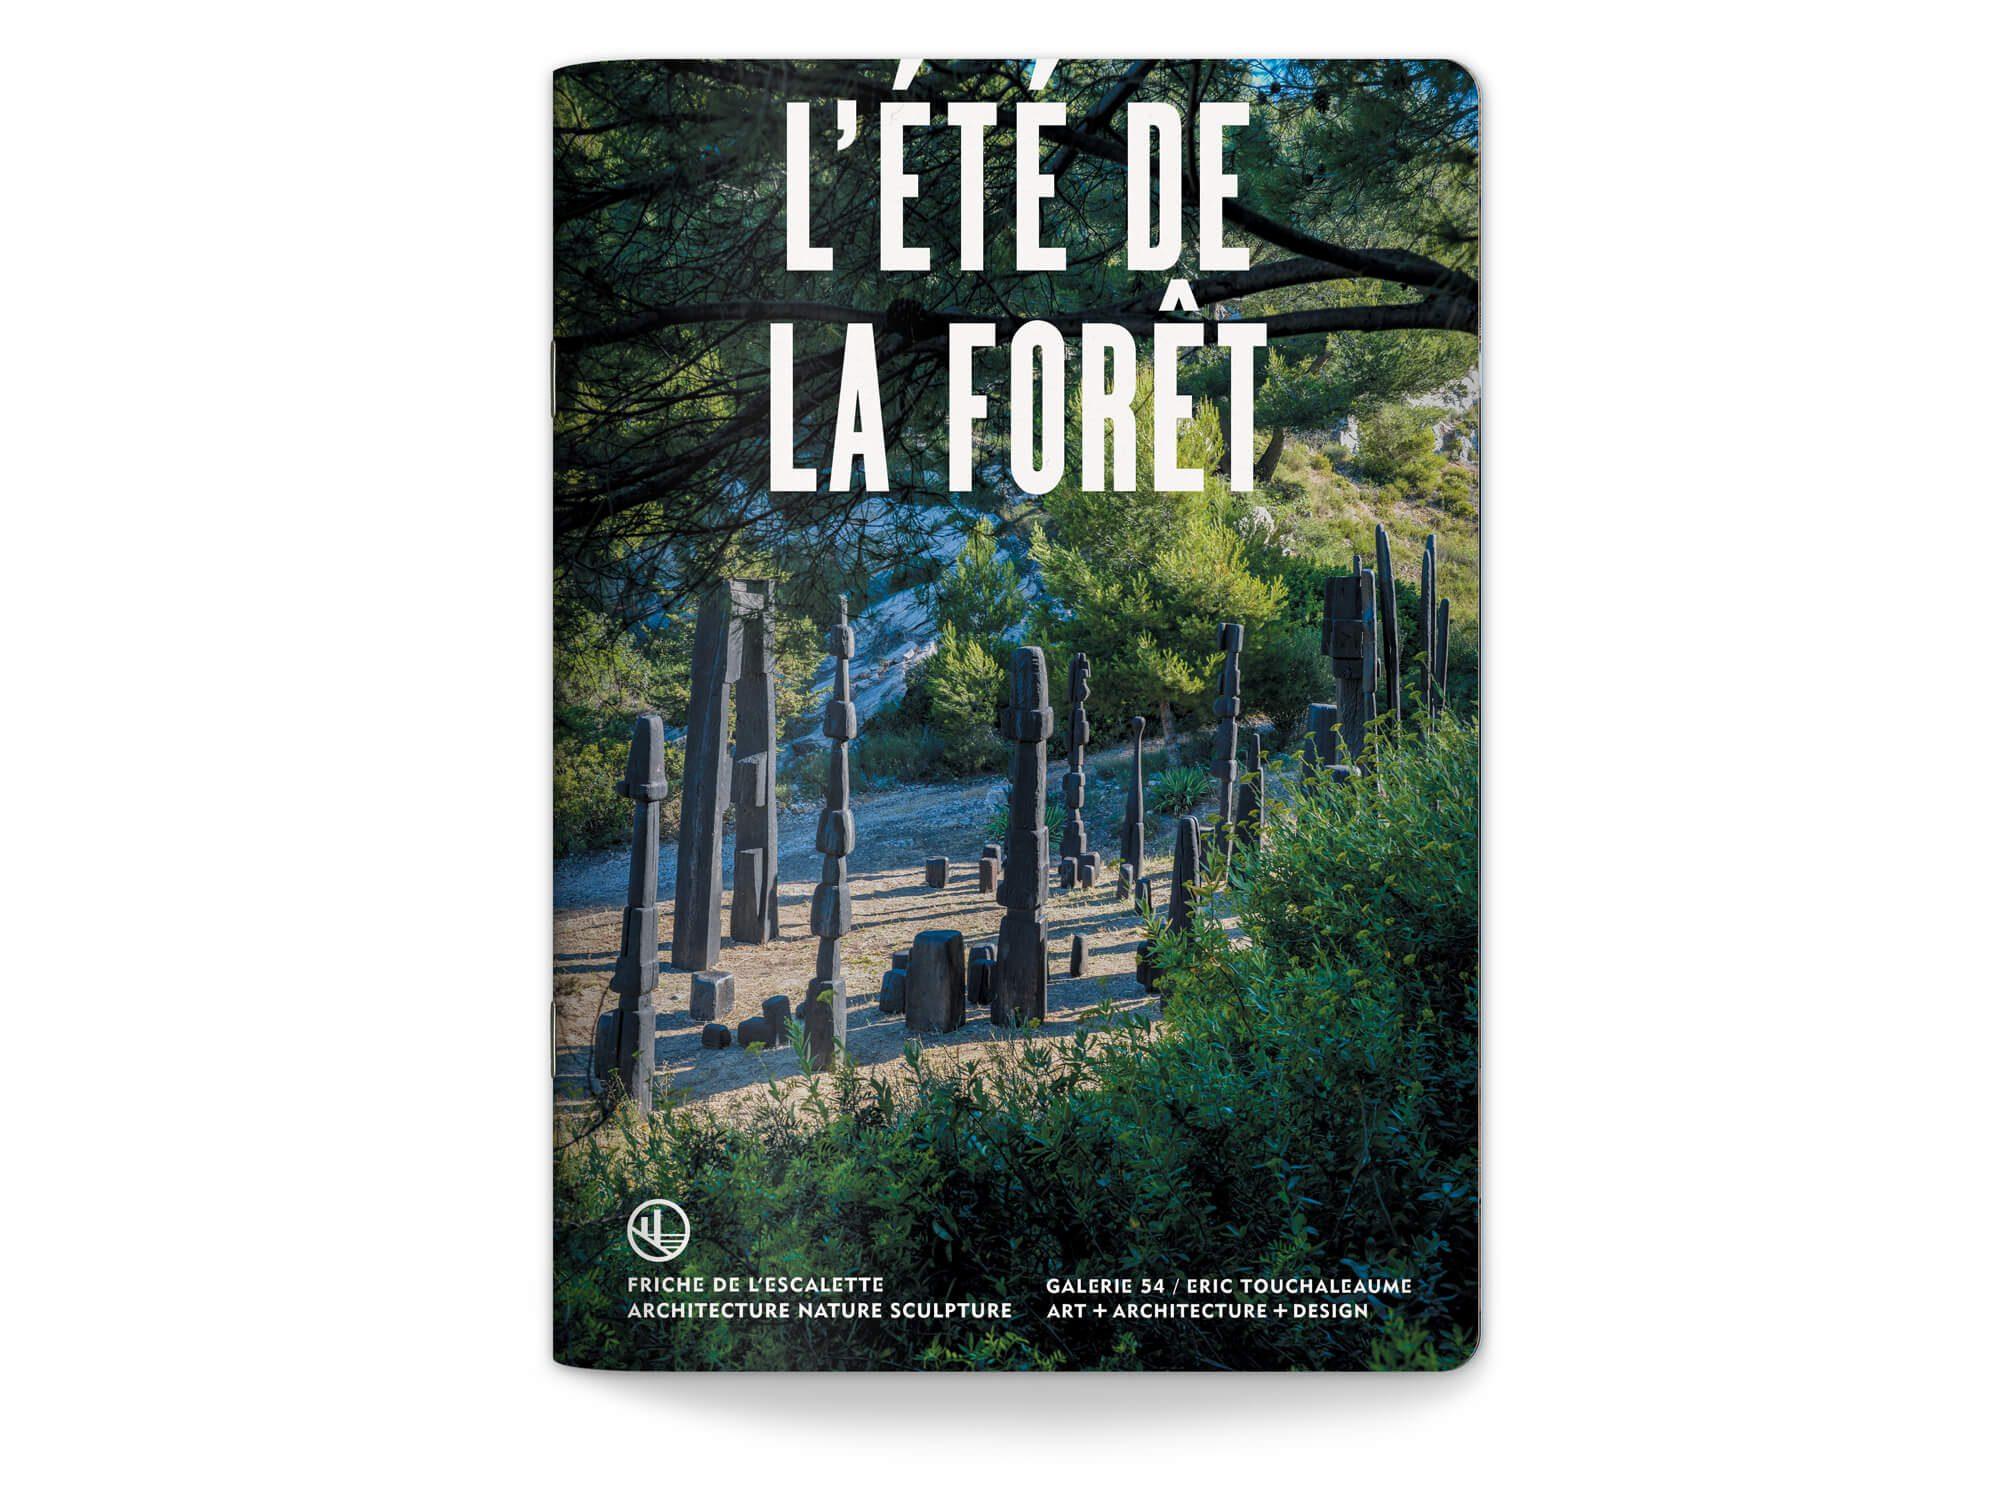 Couverture du livret de la saison 2020 de l'exposition l'été de la Foret à la Friche de l'escalette à Marseille, design IchetKar